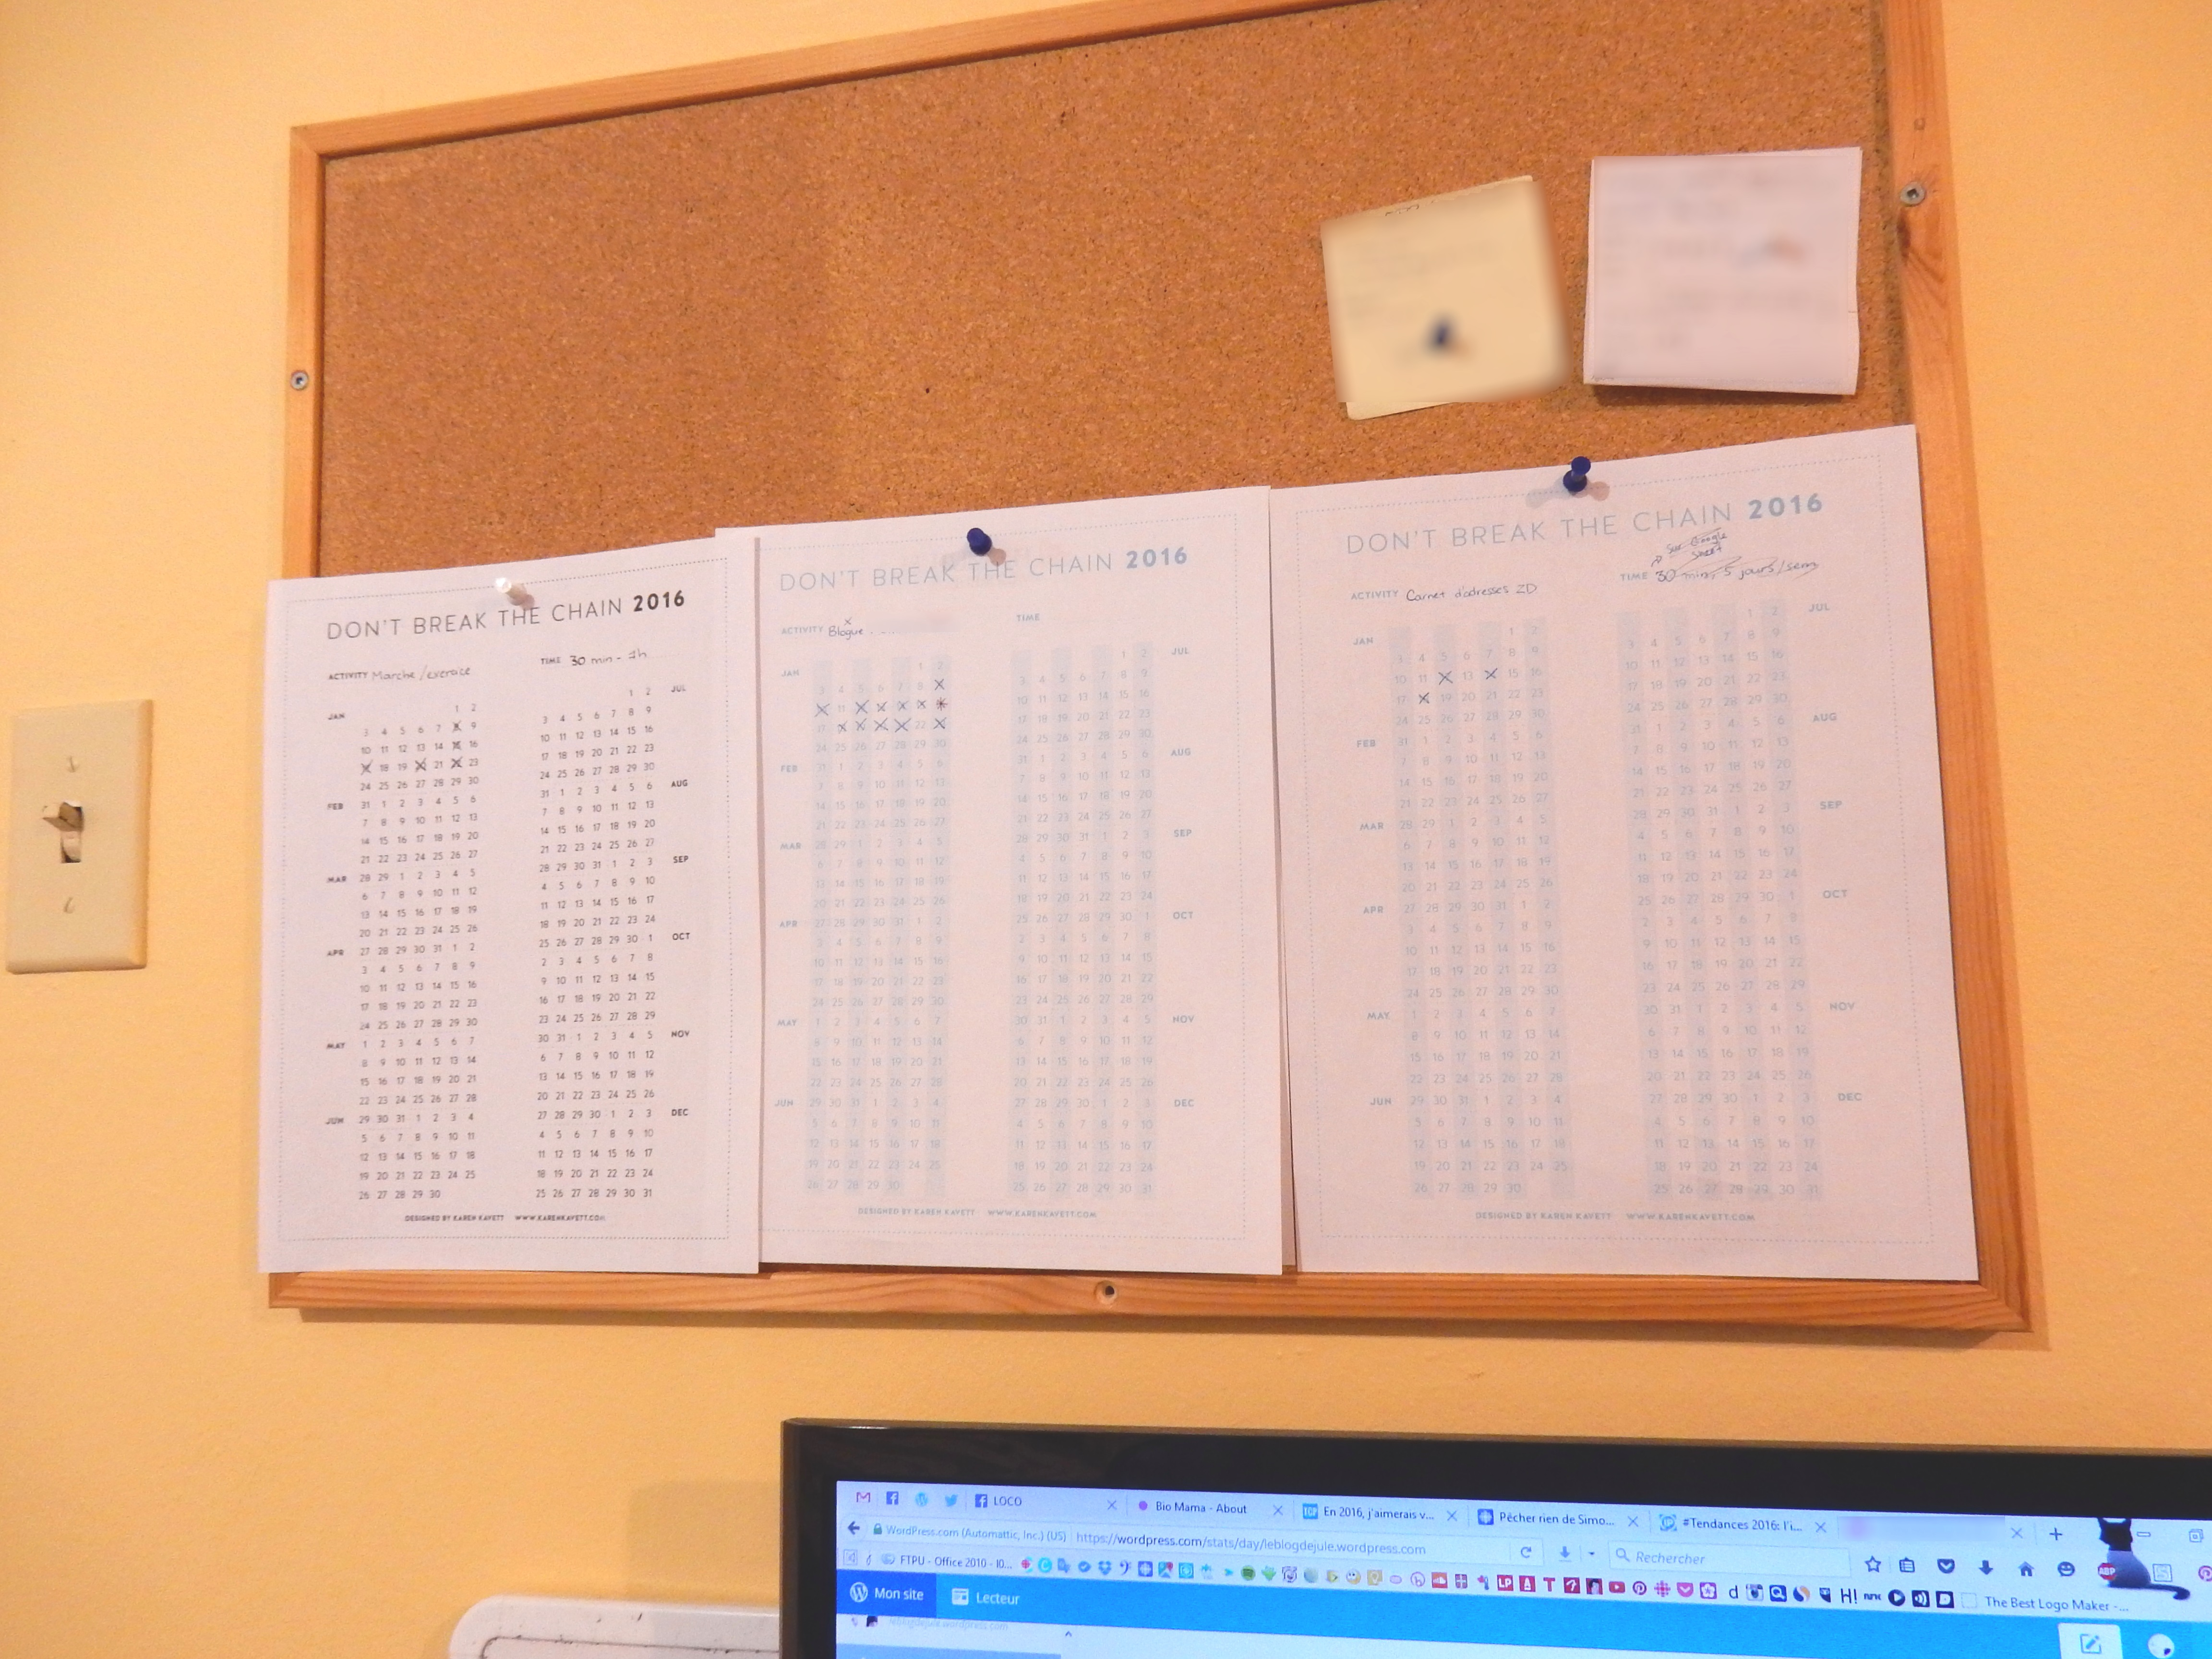 Pour les curieux qui veulent savoir c'est quoi, ces calendriers : par ici!